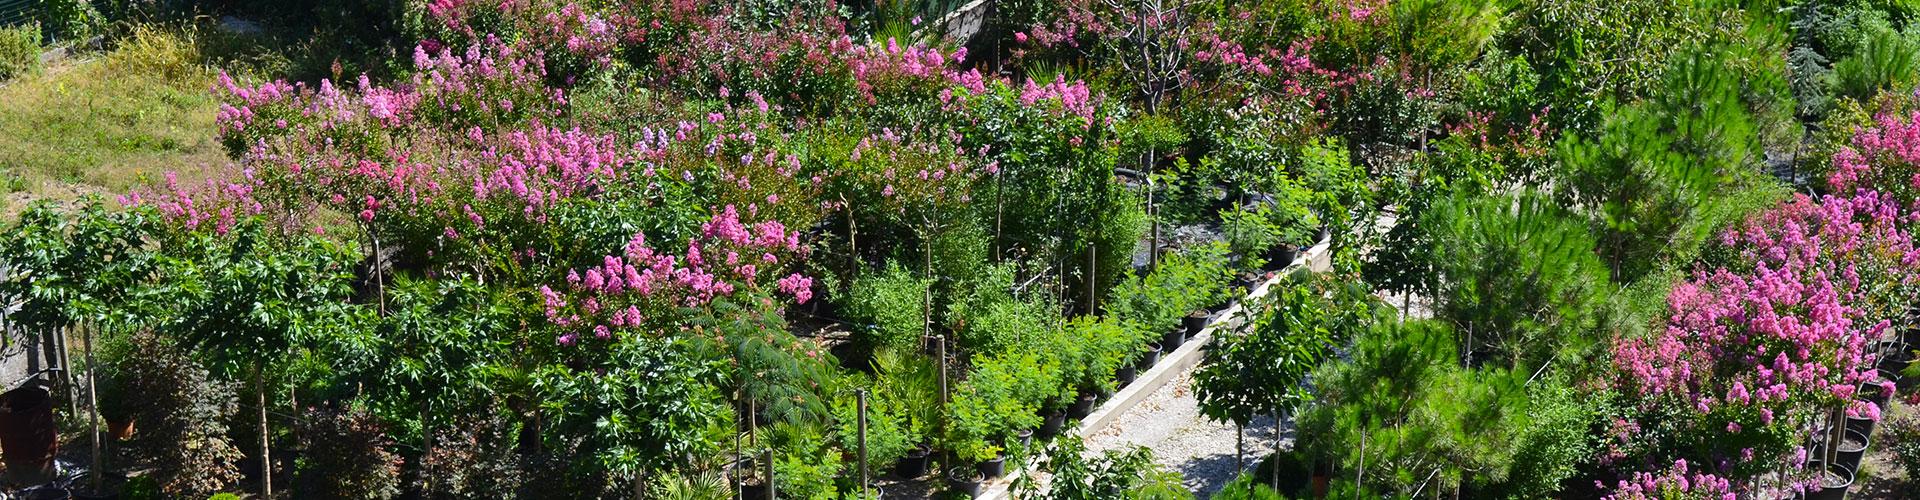 plantes méditerranéennes - Pépinière d'Azay-sur-Cher